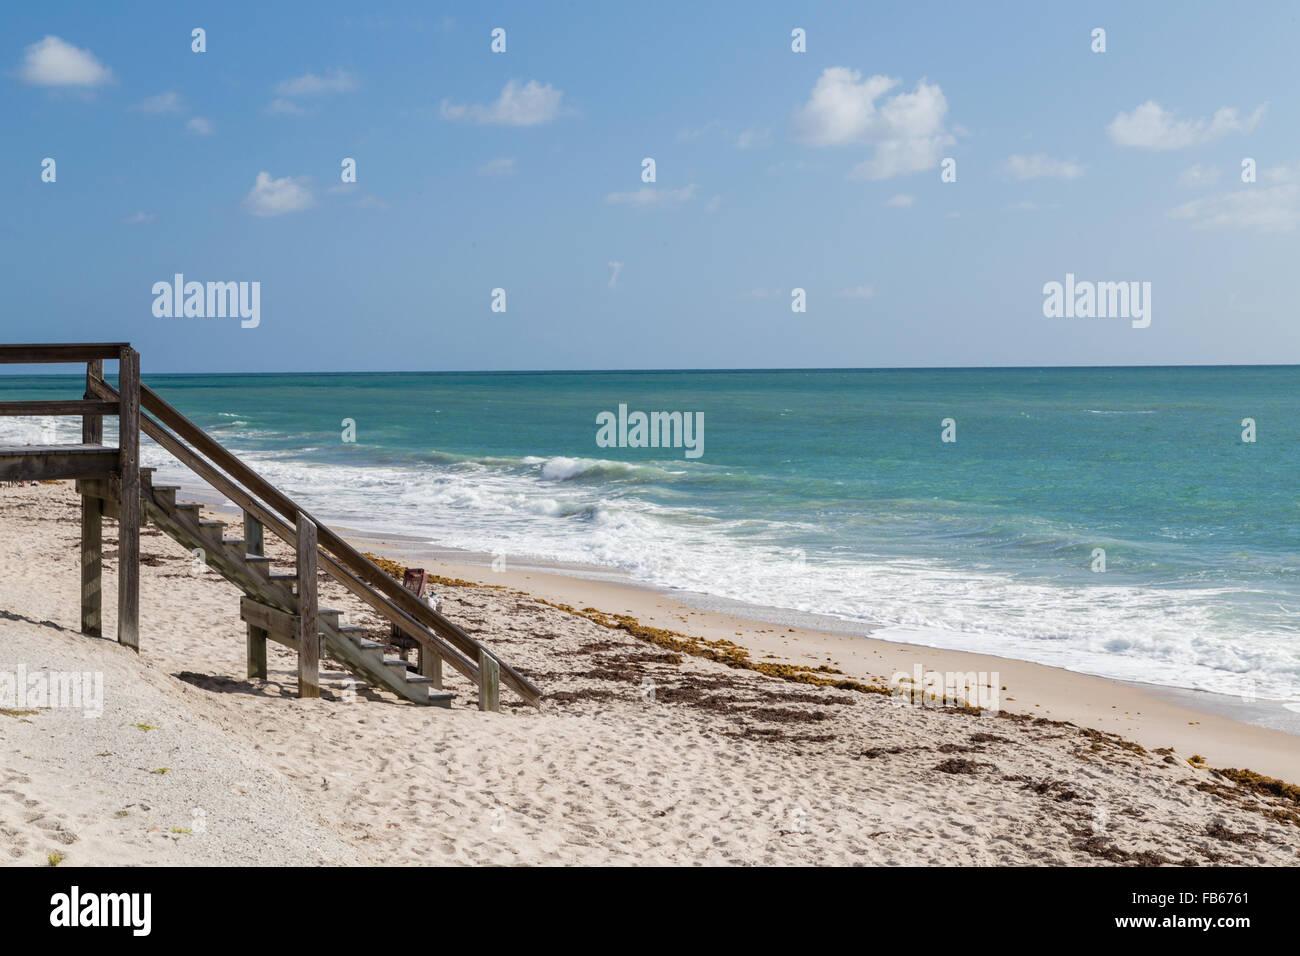 Vero Beach, USA.  A calm morning scene of the beach. - Stock Image